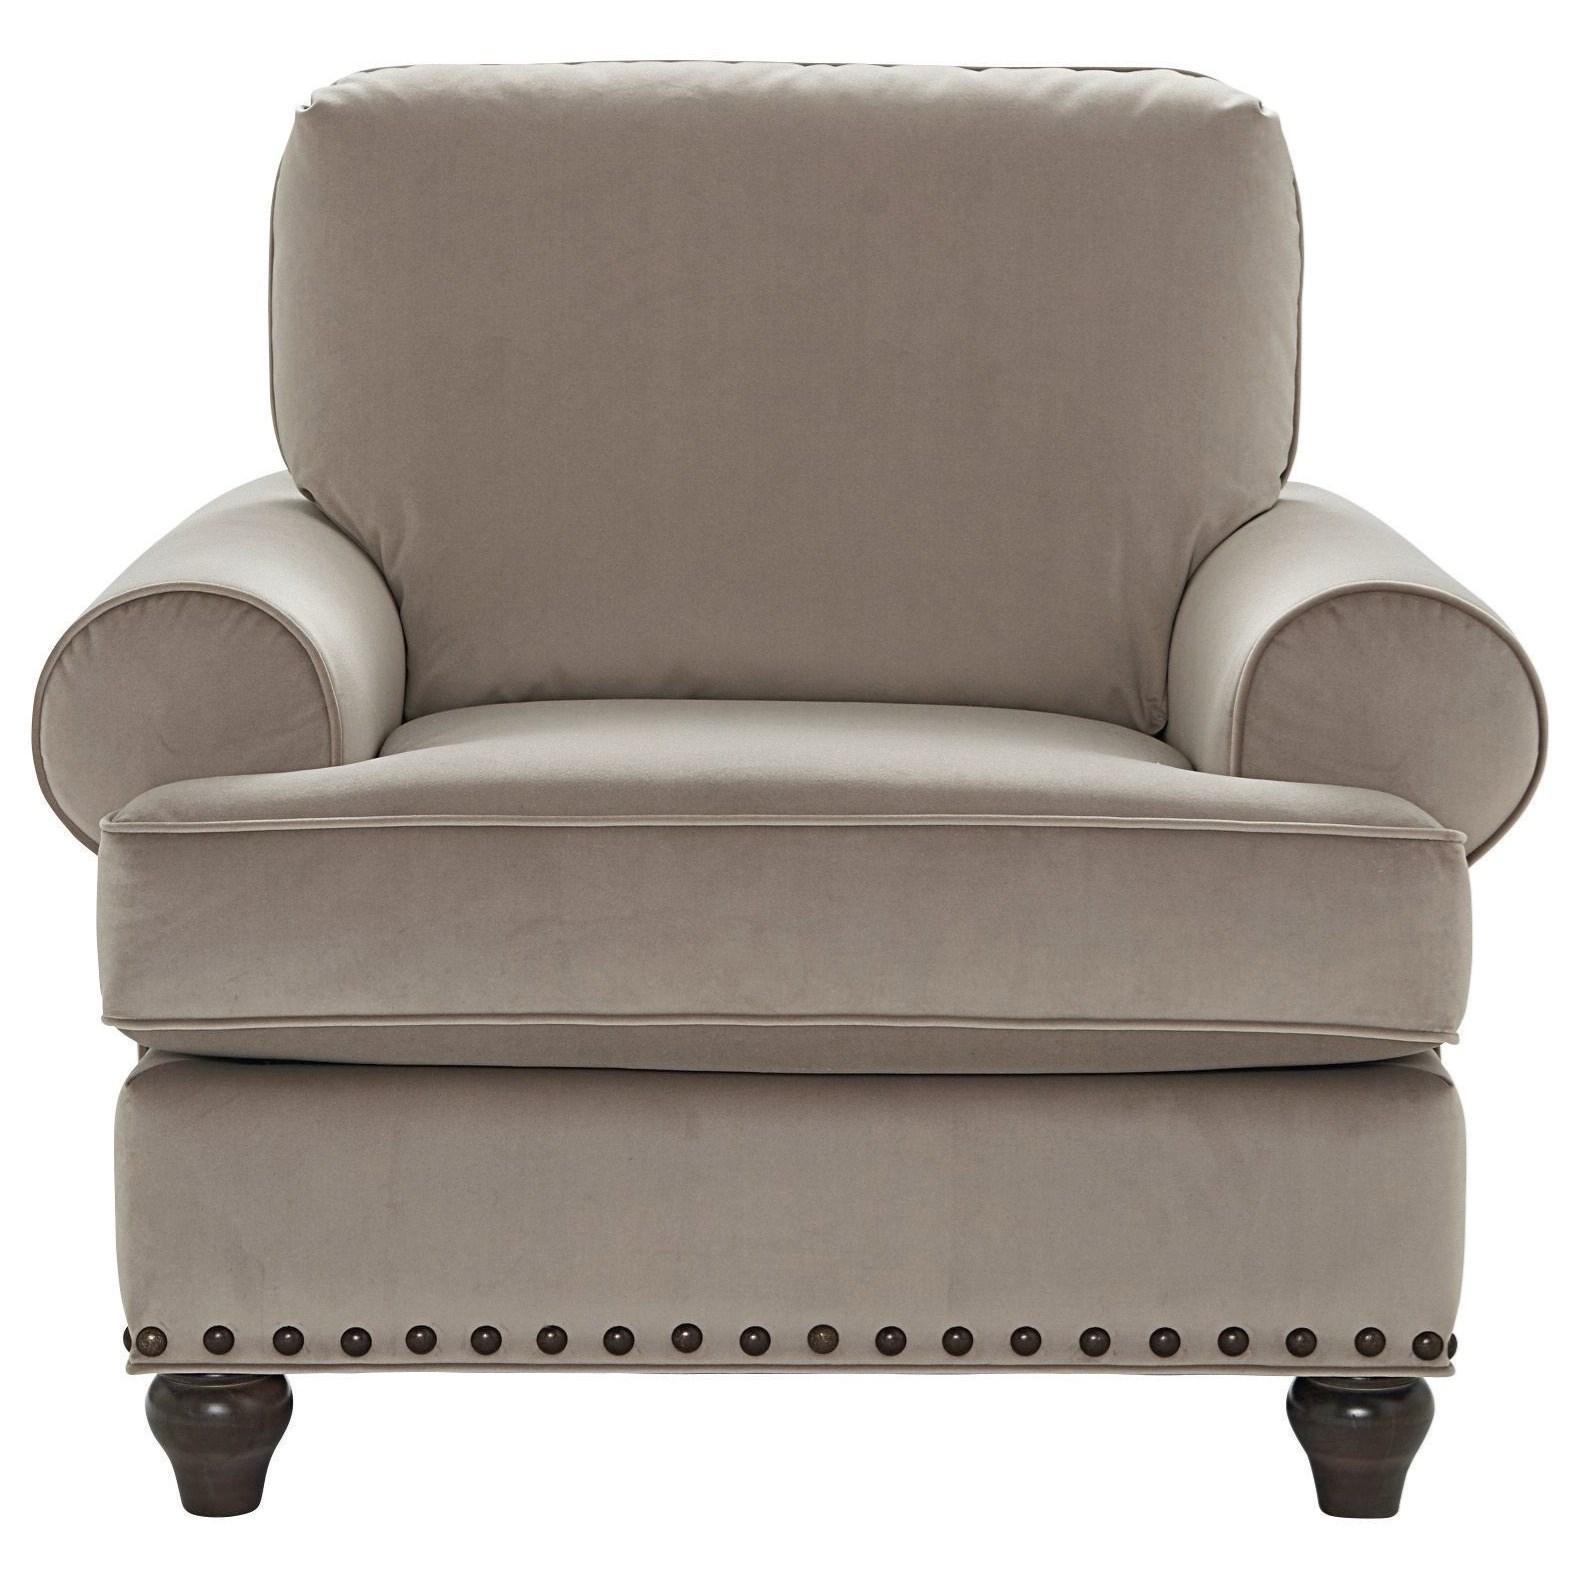 Custom Upholstery Customizable Chair by Bassett at Bassett of Cool Springs